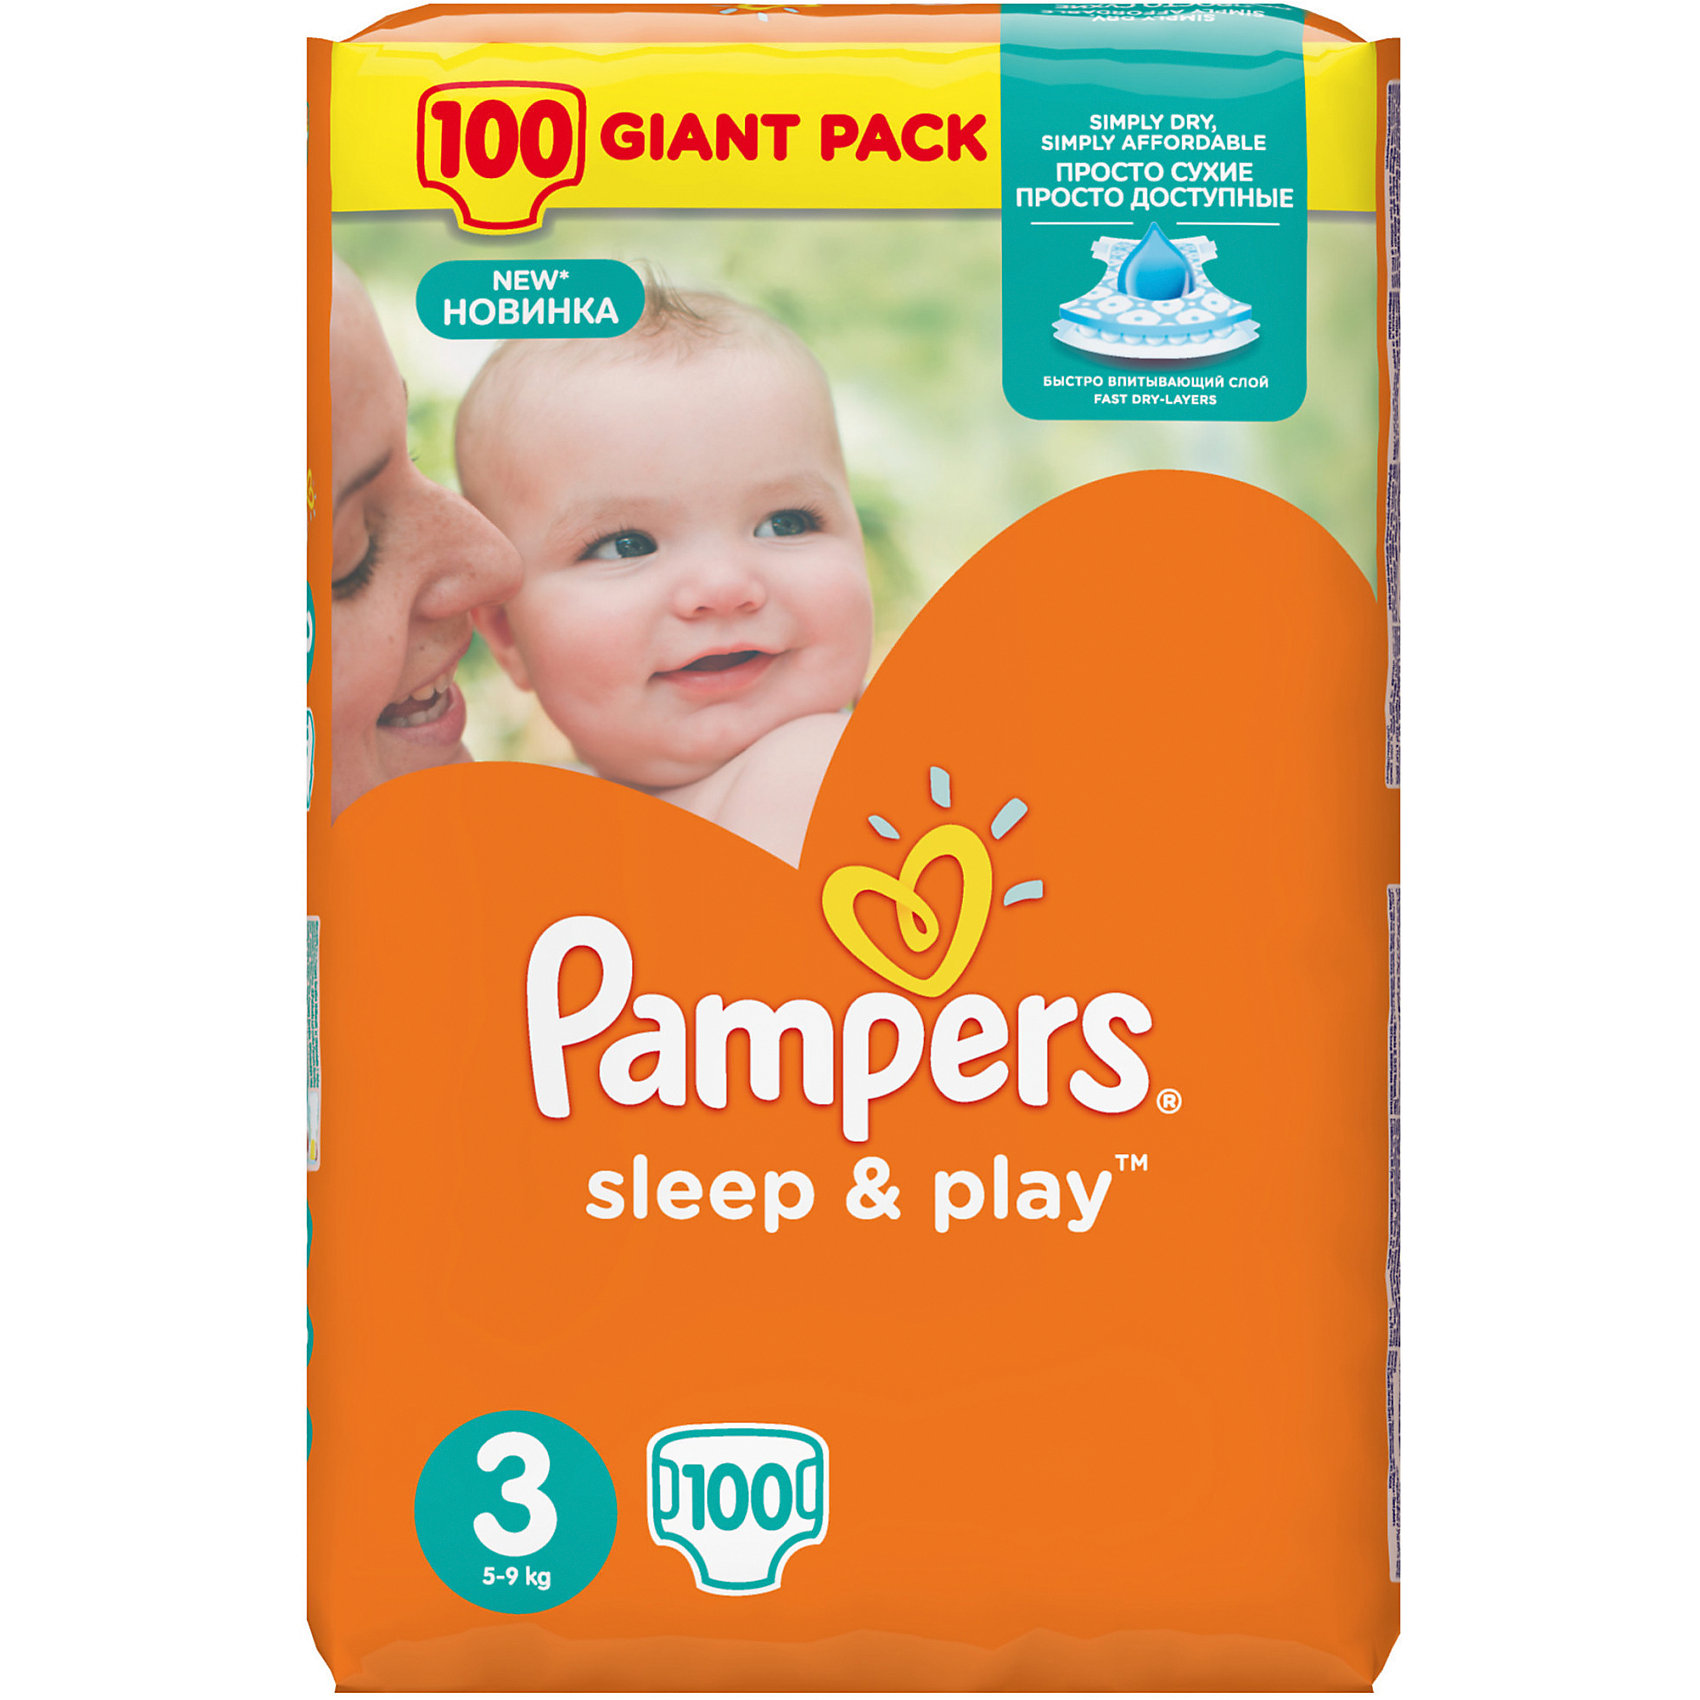 Подгузники Pampers Sleep  Play, 5-9 кг, 3 размер, 100 шт., Pampers